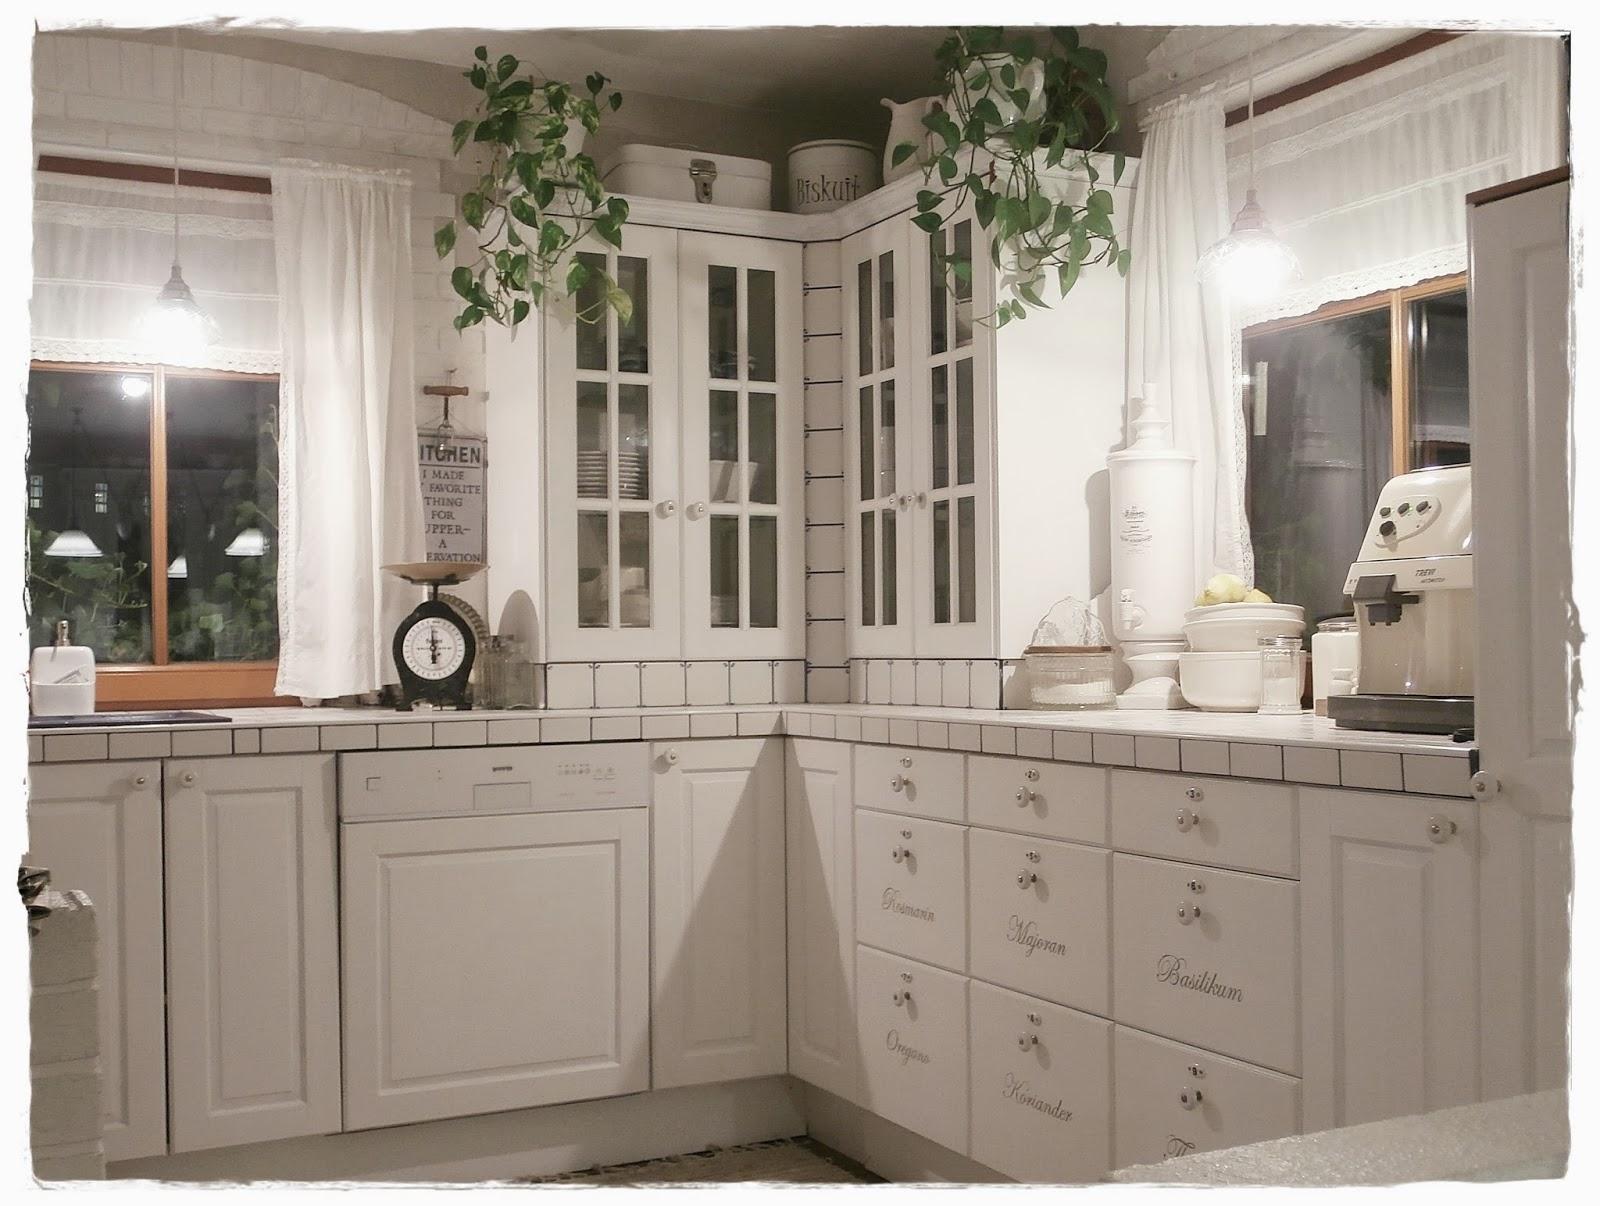 ikea bodenleiste k che anbringen gebrauchte k che hannover kaufen wasserhahn k che. Black Bedroom Furniture Sets. Home Design Ideas